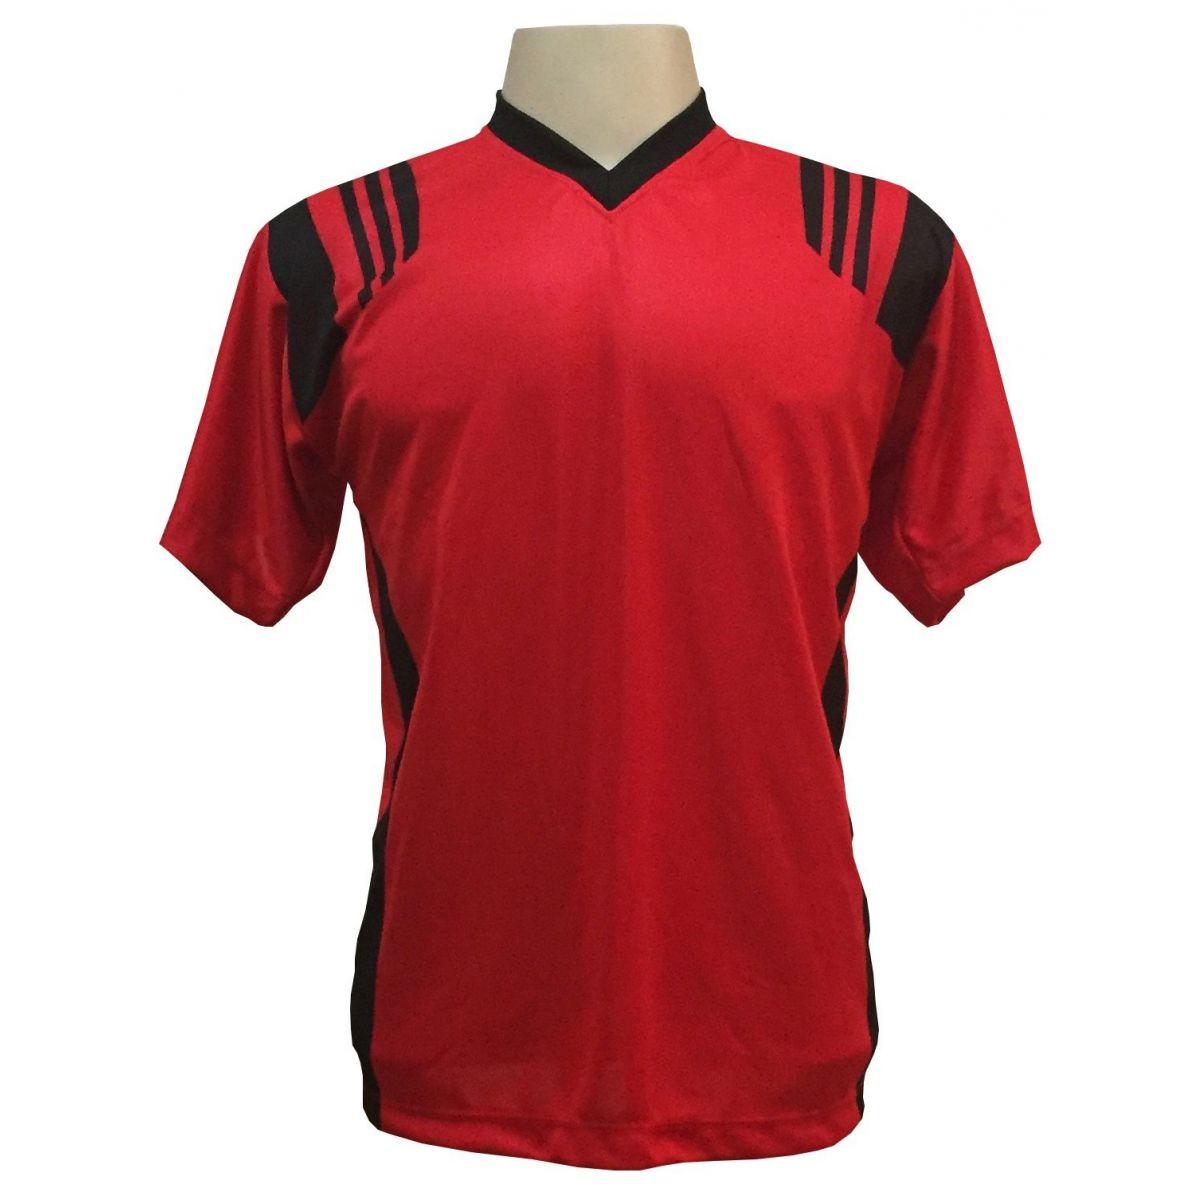 Uniforme Completo modelo Roma 18+2 (18 Camisas Vermelho/Preto + 18 Calções Madrid Preto + 18 Pares de Meiões Pretos + 2 Conjuntos de Goleiro) + Brindes